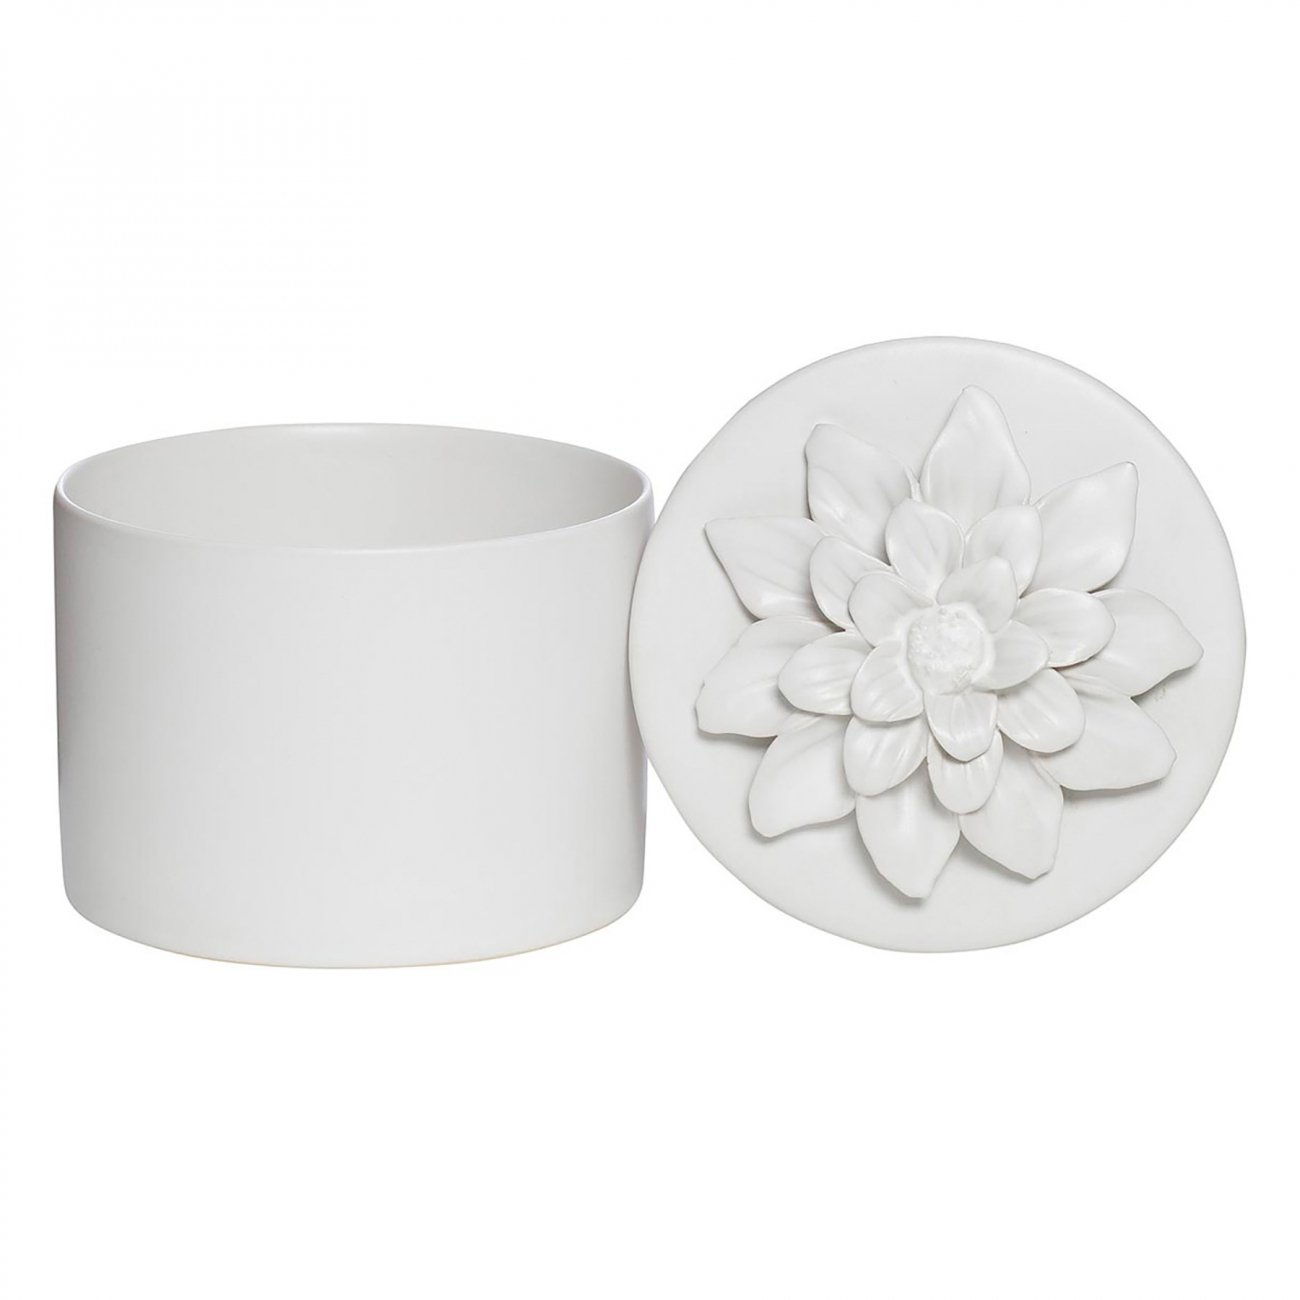 Купить Шкатулка для украшений White II в интернет магазине дизайнерской мебели и аксессуаров для дома и дачи